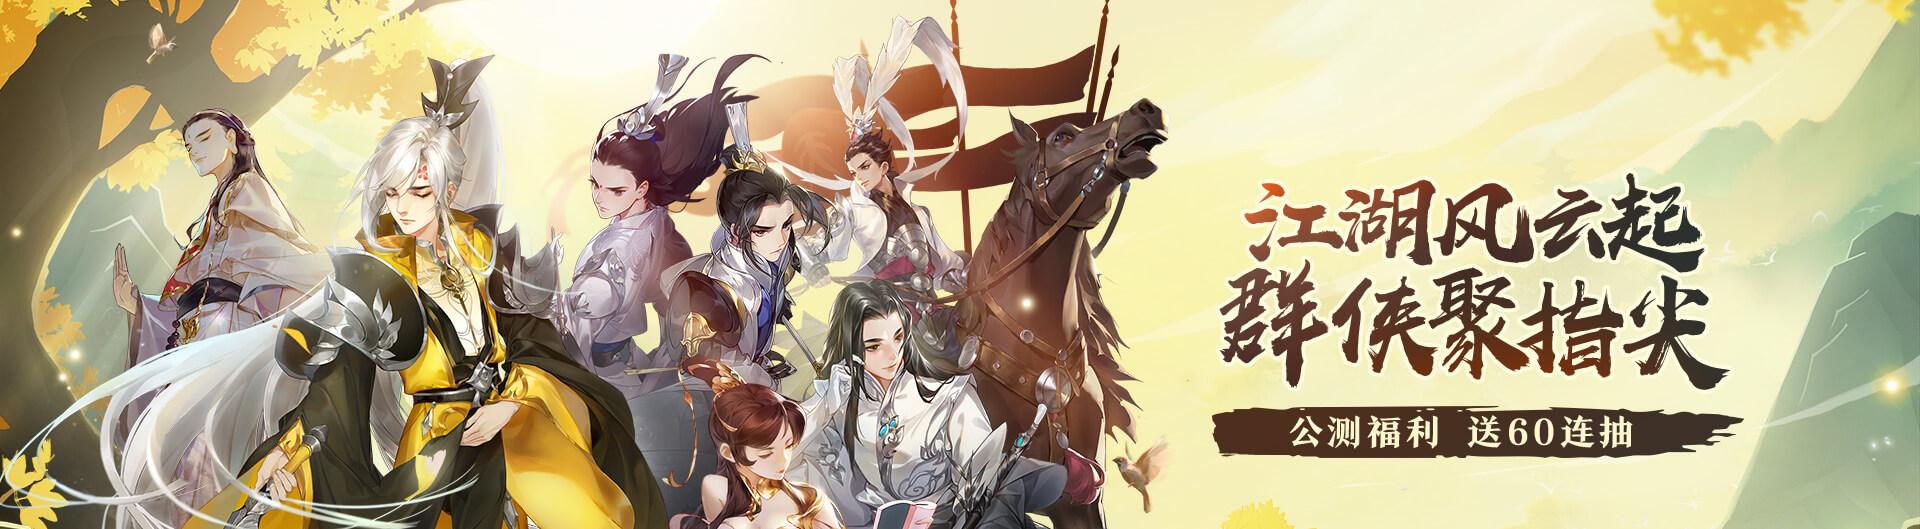 写意江湖 国风画韵